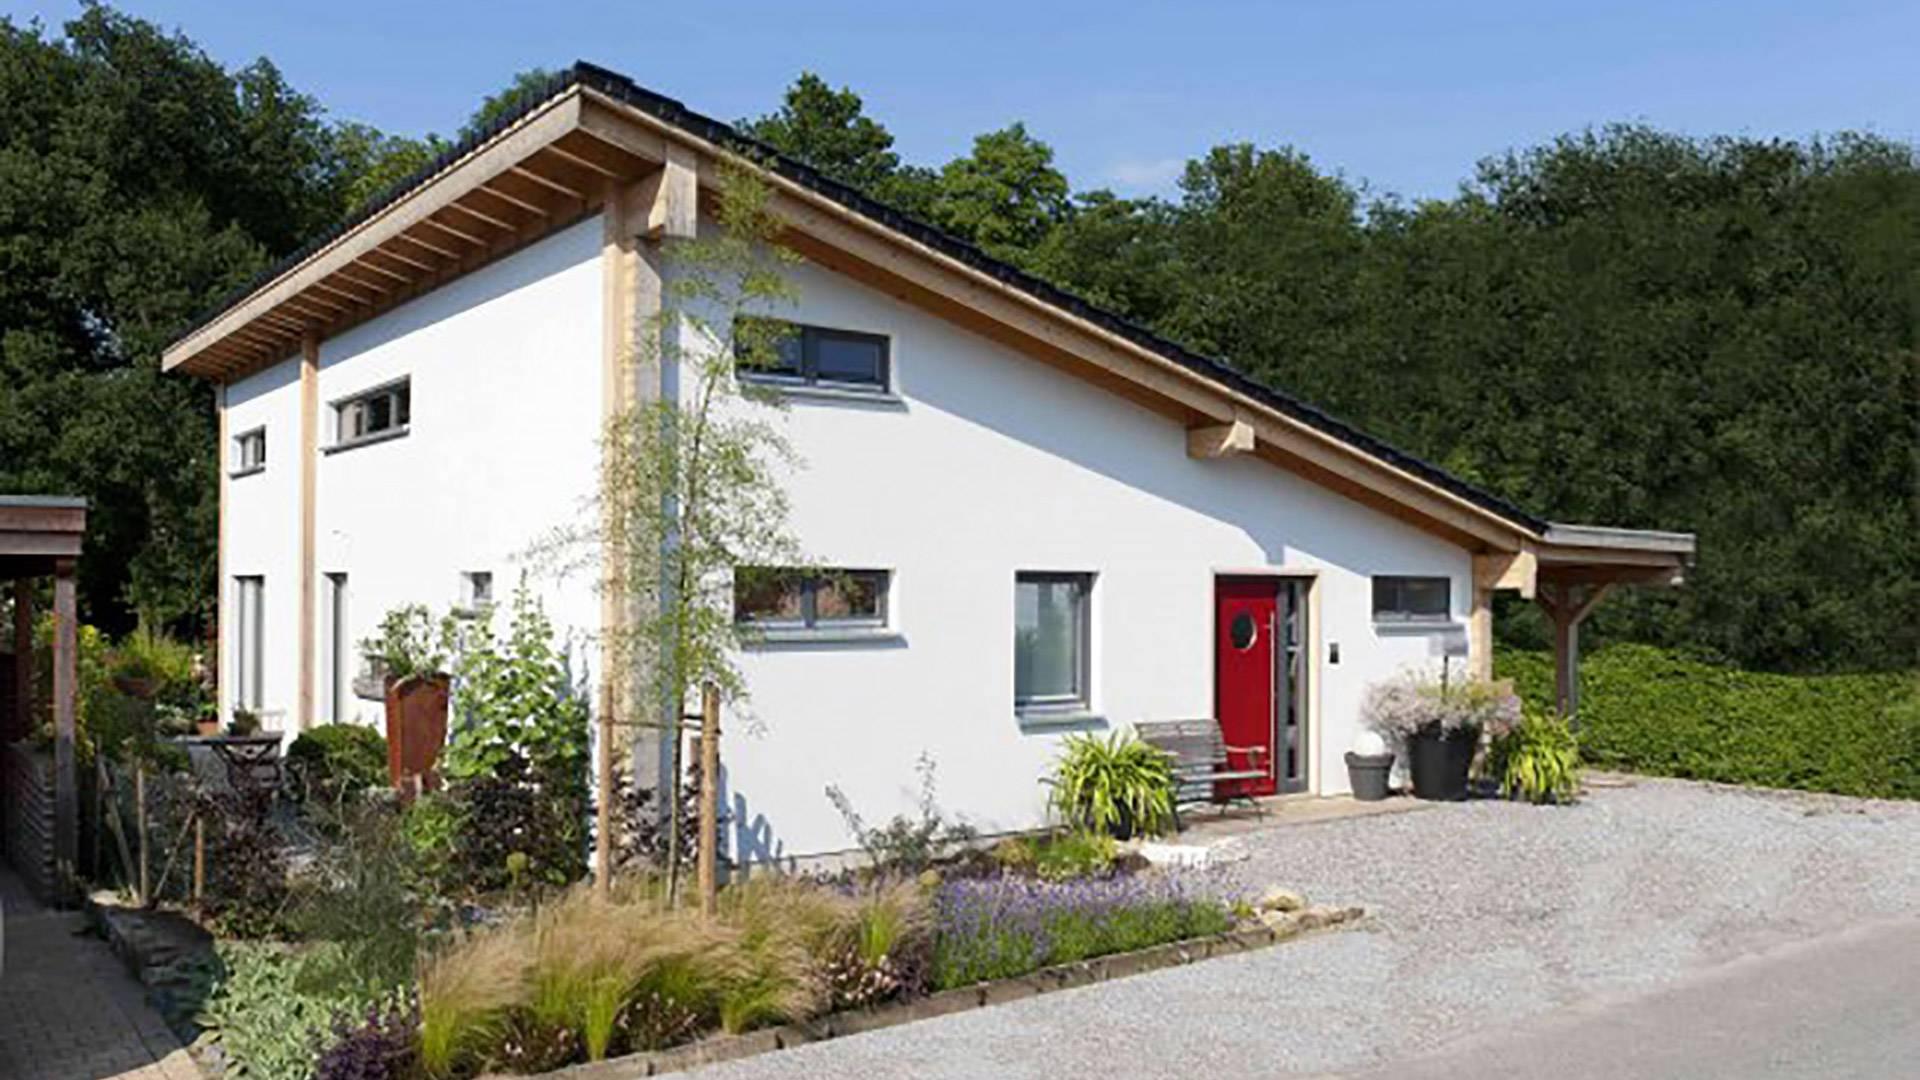 Ökohaus-Biohaus Frontansicht